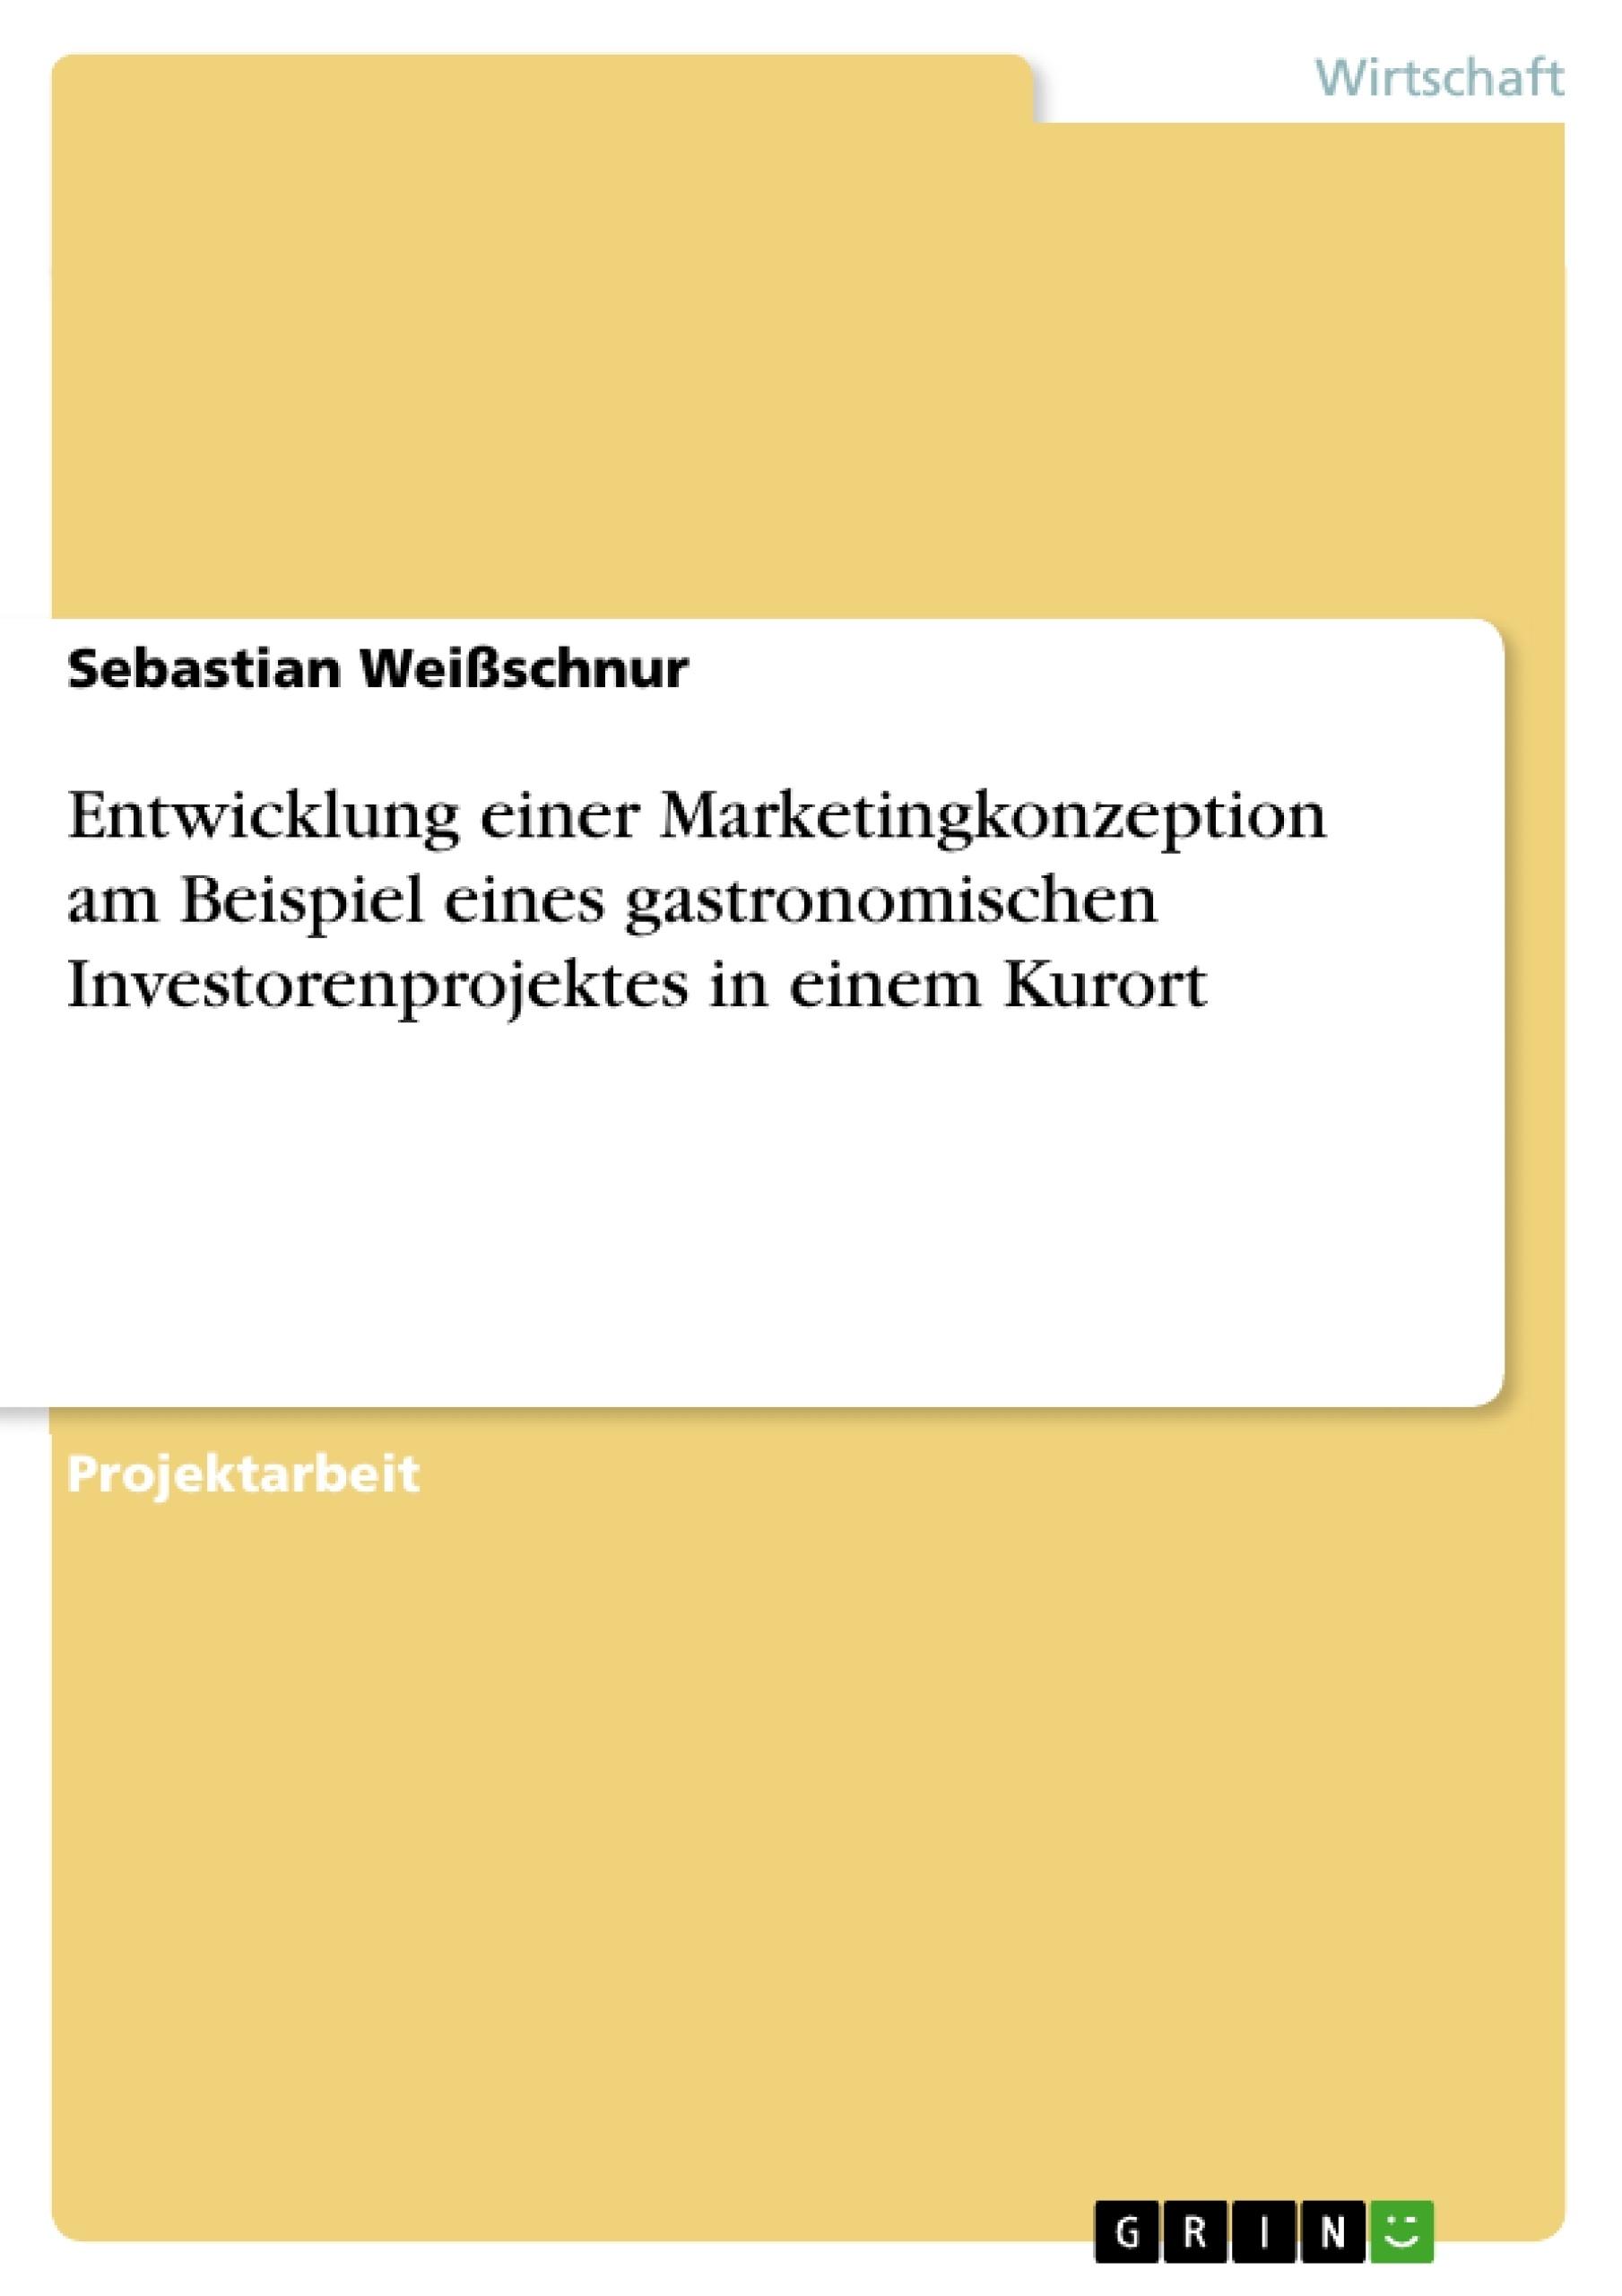 Titel: Entwicklung einer Marketingkonzeption am Beispiel eines gastronomischen Investorenprojektes in einem Kurort